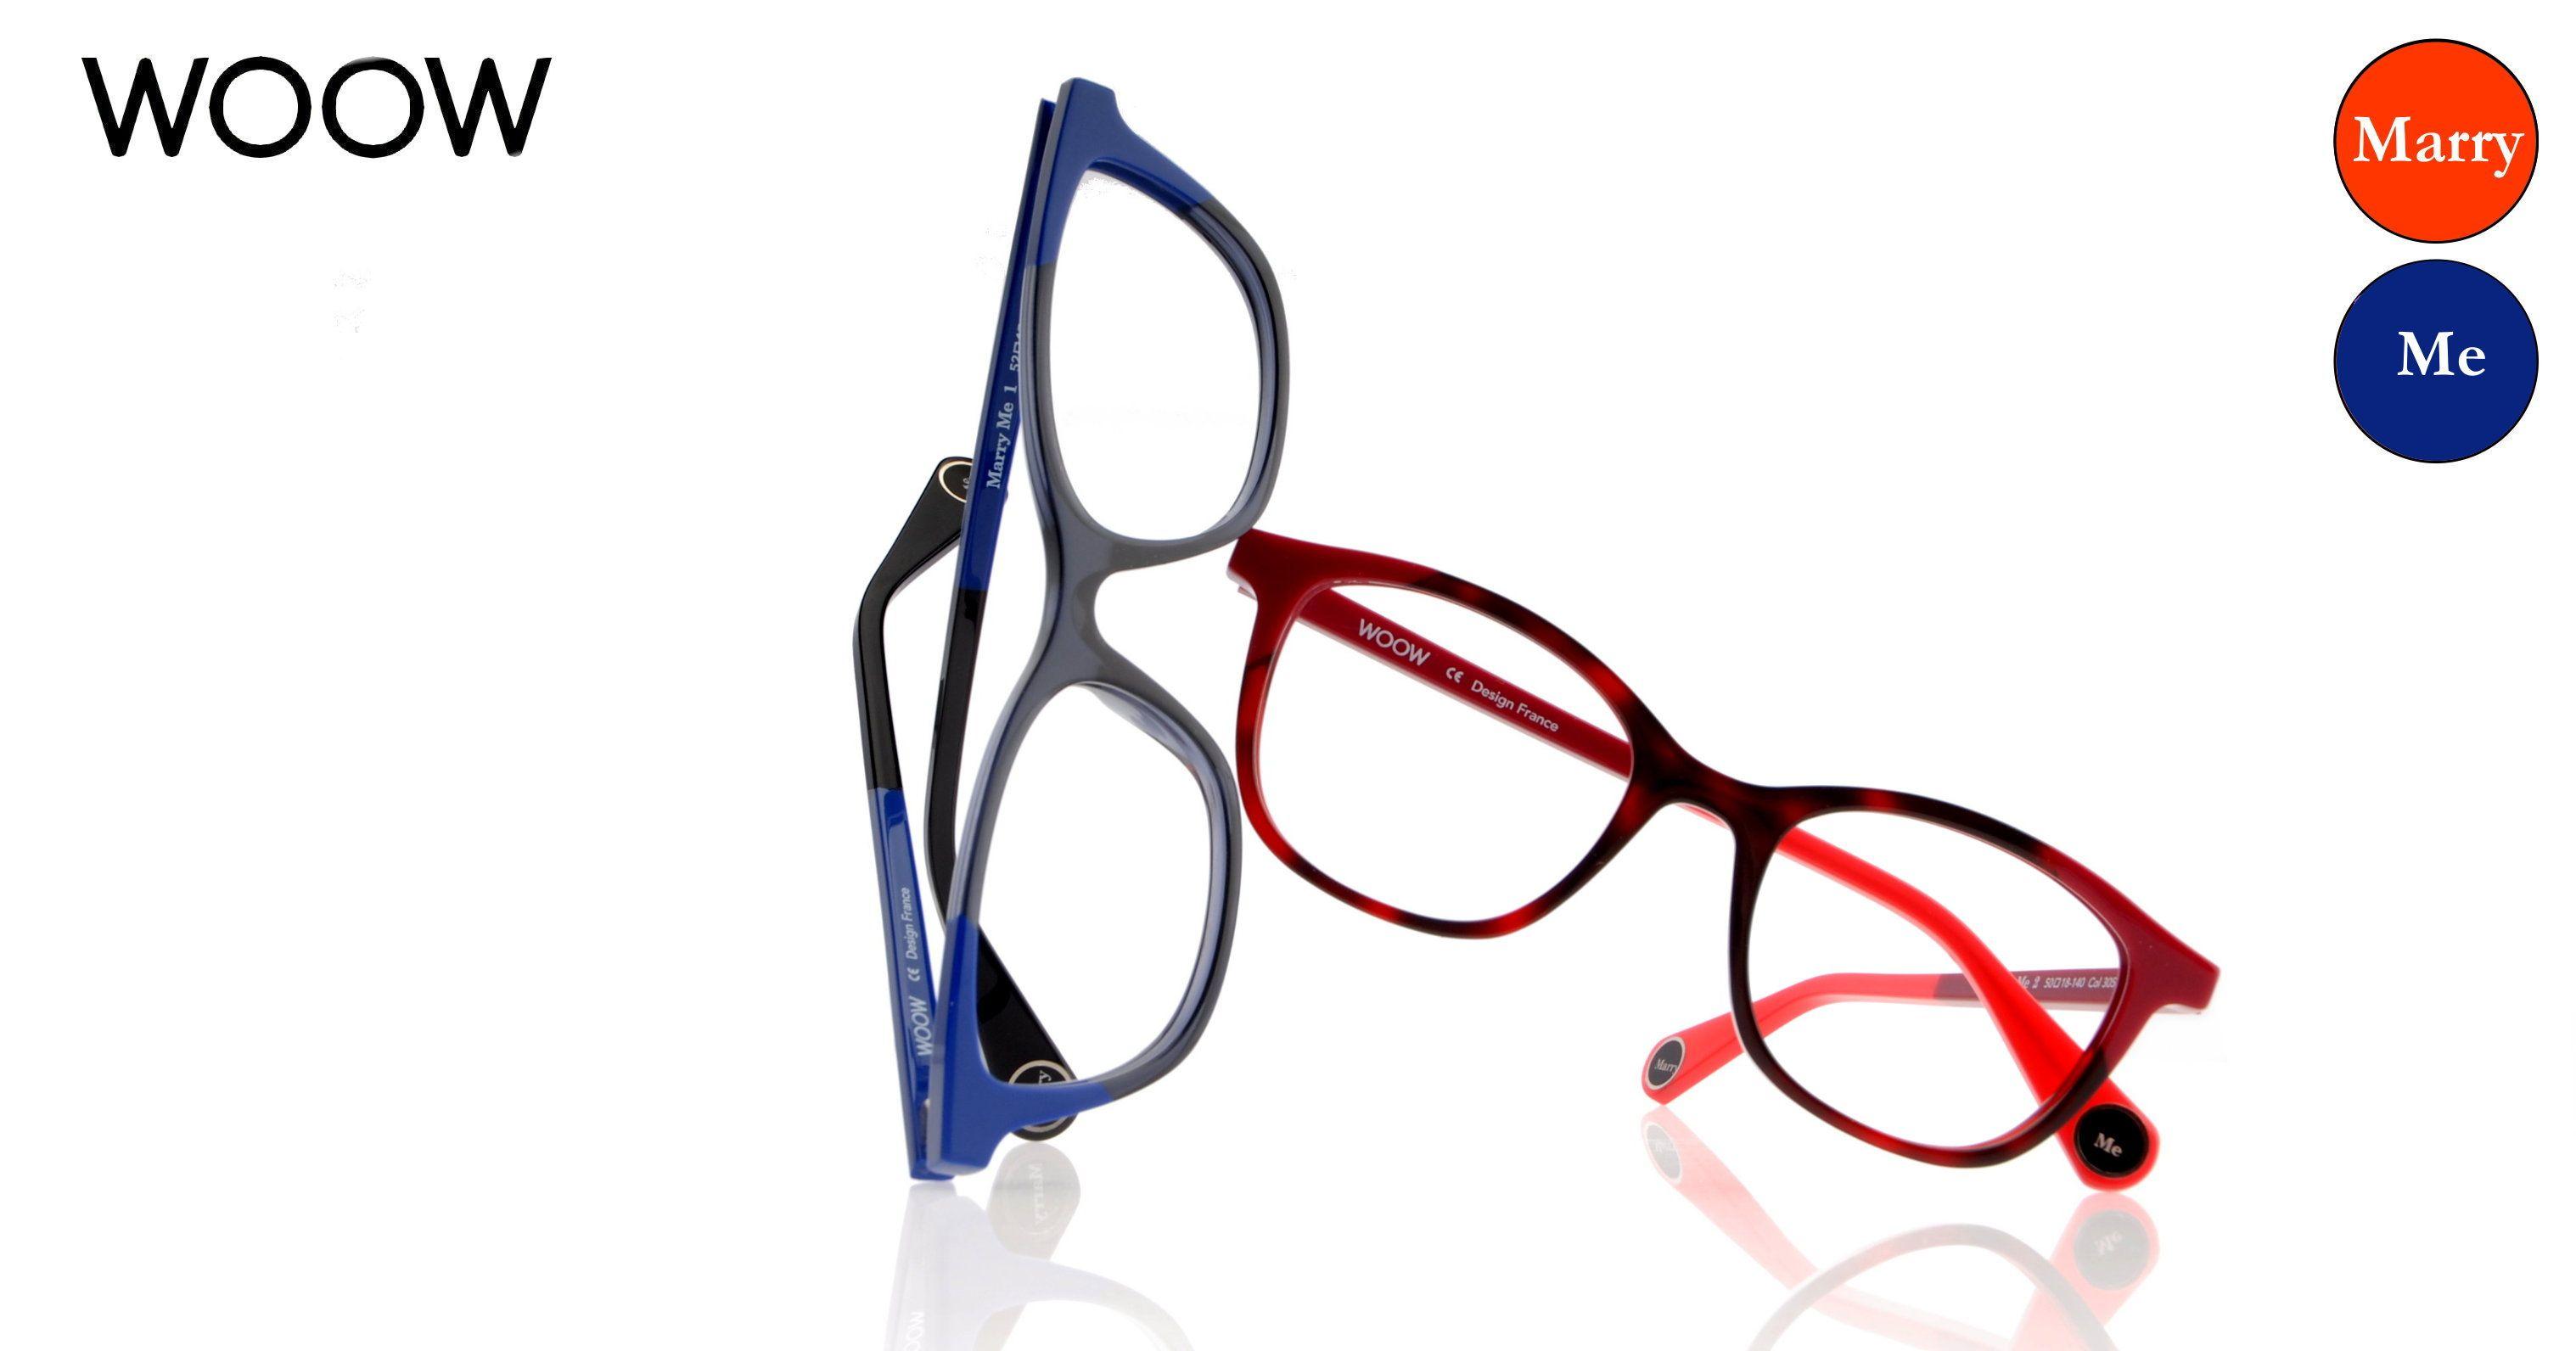 #WOOW #WOOWEYEWEAR optical frames  #frames